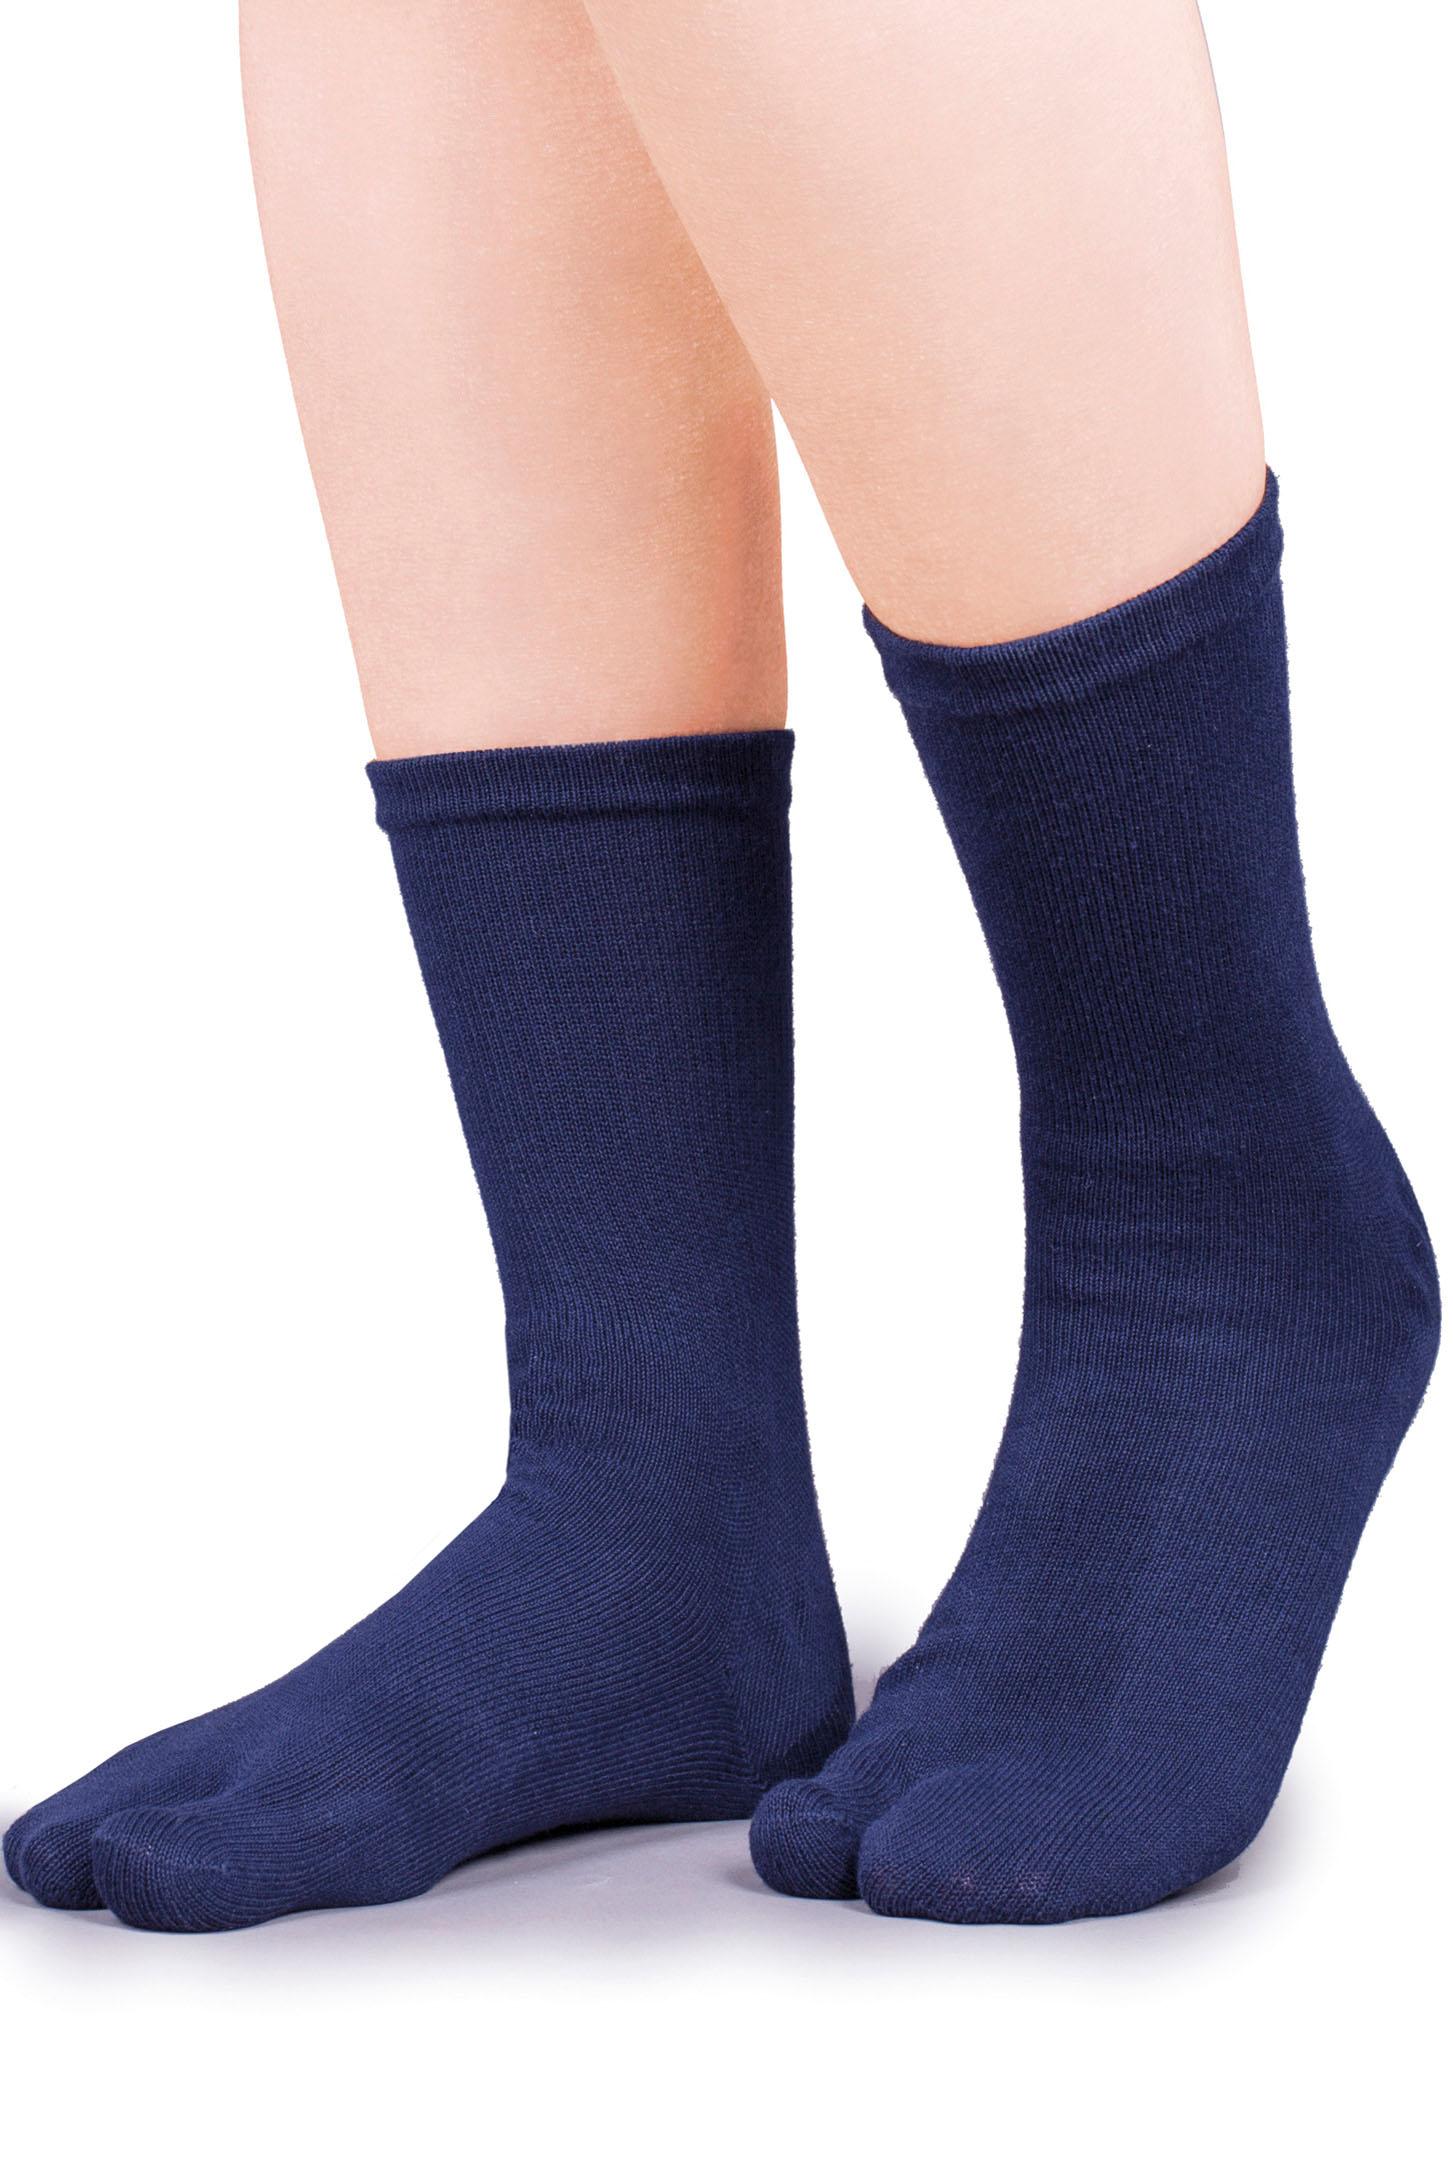 Durch Socken mit einer Taping-Funktion lassen sich die Beschwerden oft deutlich lindern.